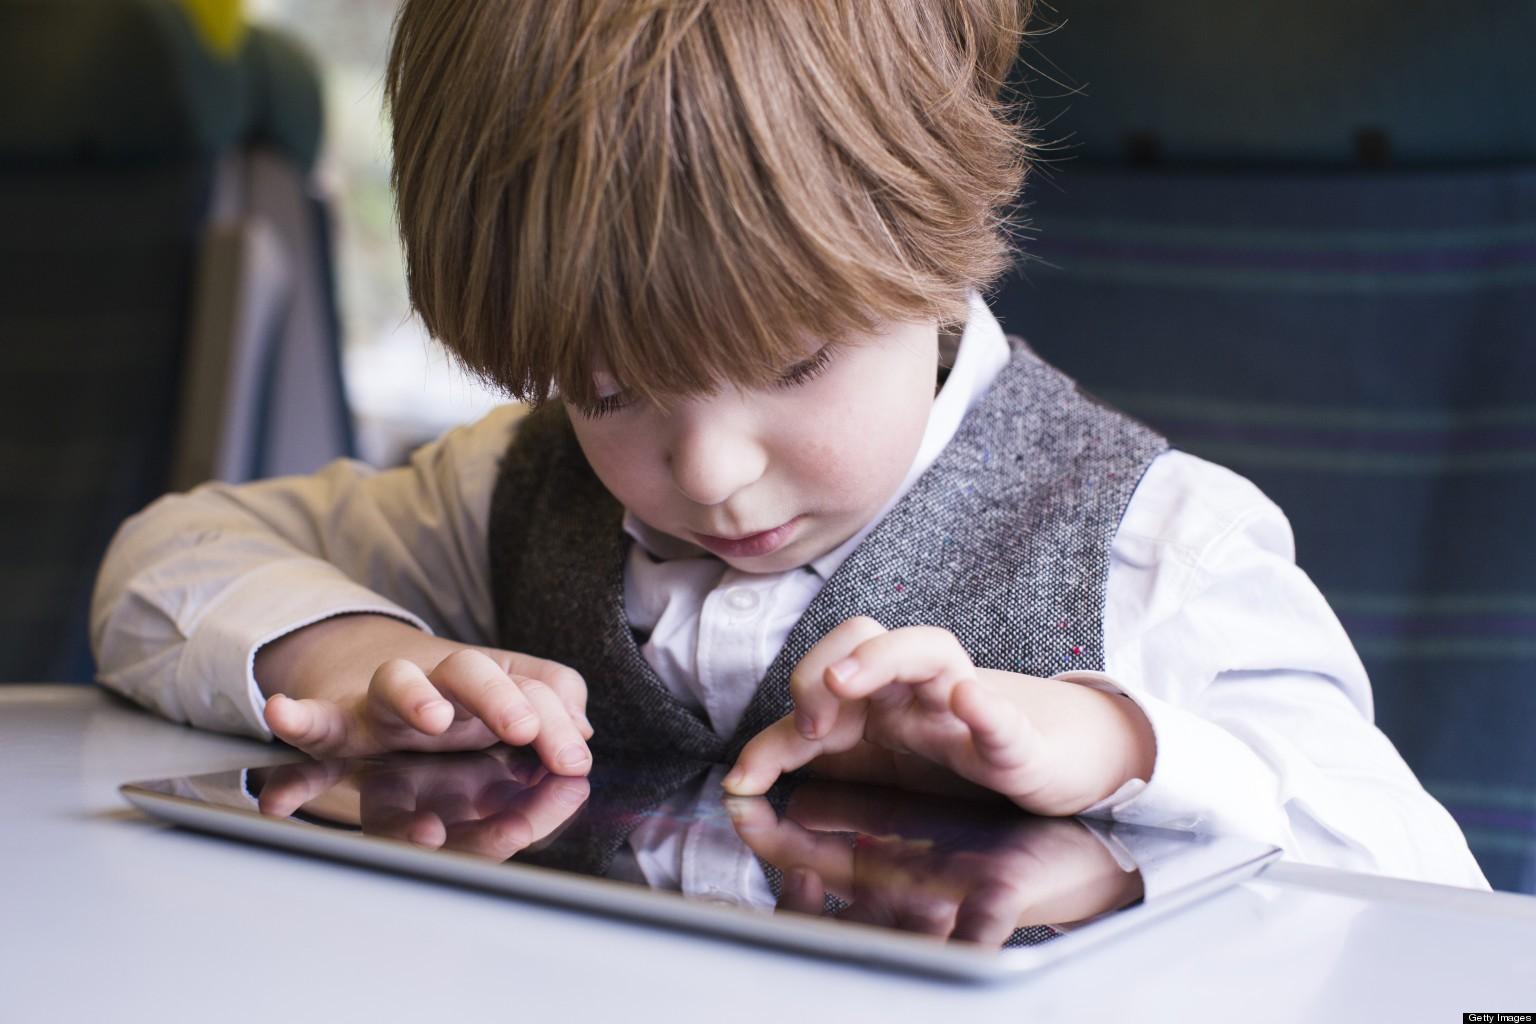 5 bí kíp bảo vệ con cái trên Internet phụ huynh Việt nên biết: Thế giới ảo nhưng nguy hiểm thật!  - Ảnh 4.